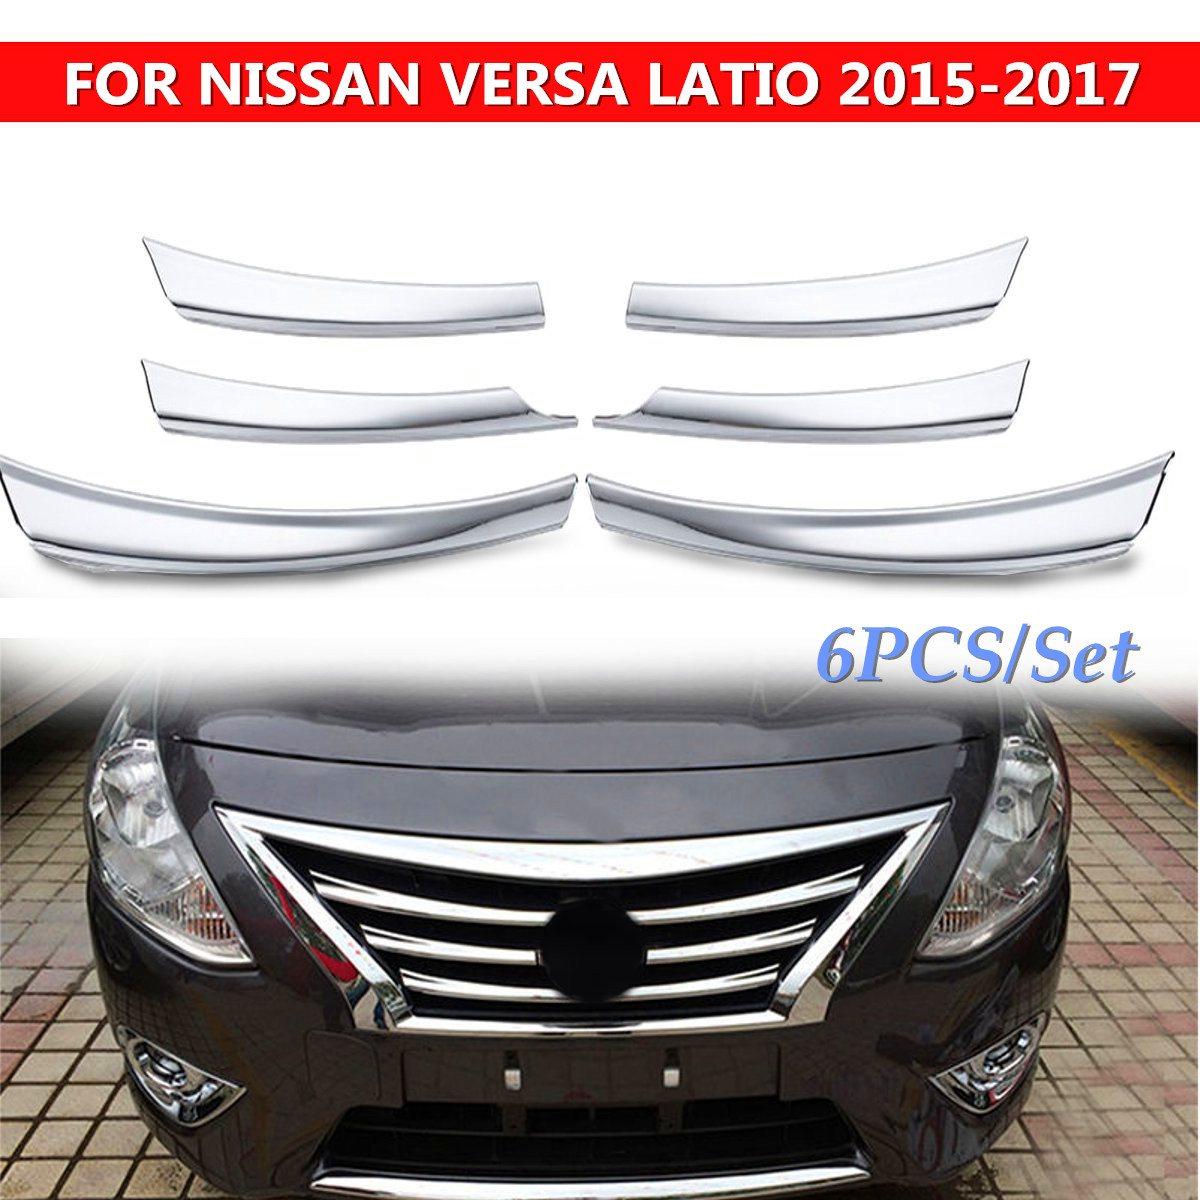 2016 Nissan Versa Exterior: 6pcs/set Car Front Mesh Grille Head Bumper Cover Trim Set